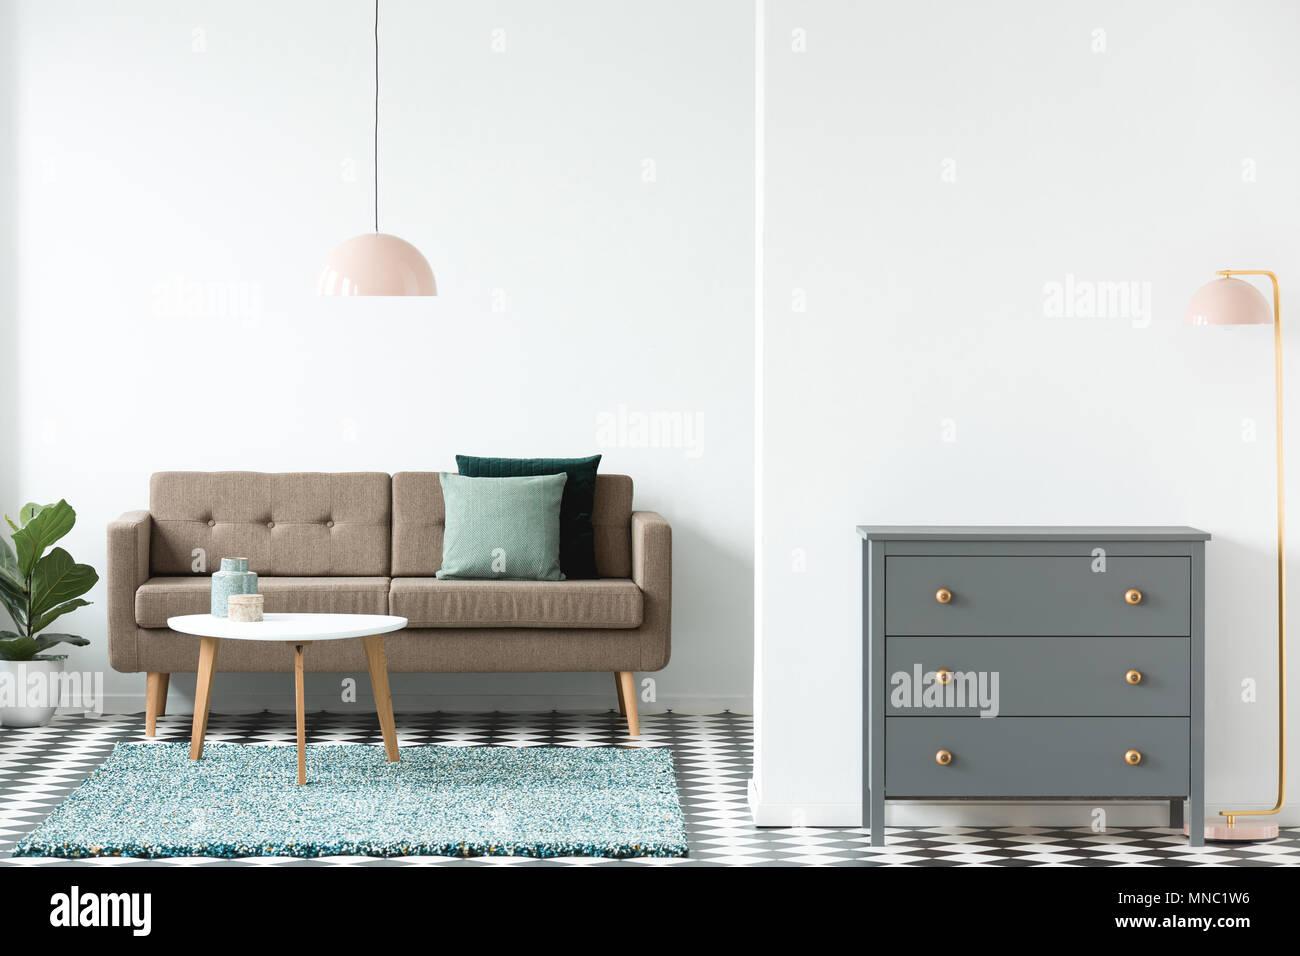 Tappeto Da Salotto Rosa : Lampada rosa accanto al cabinet grigio rétro salotto interno con